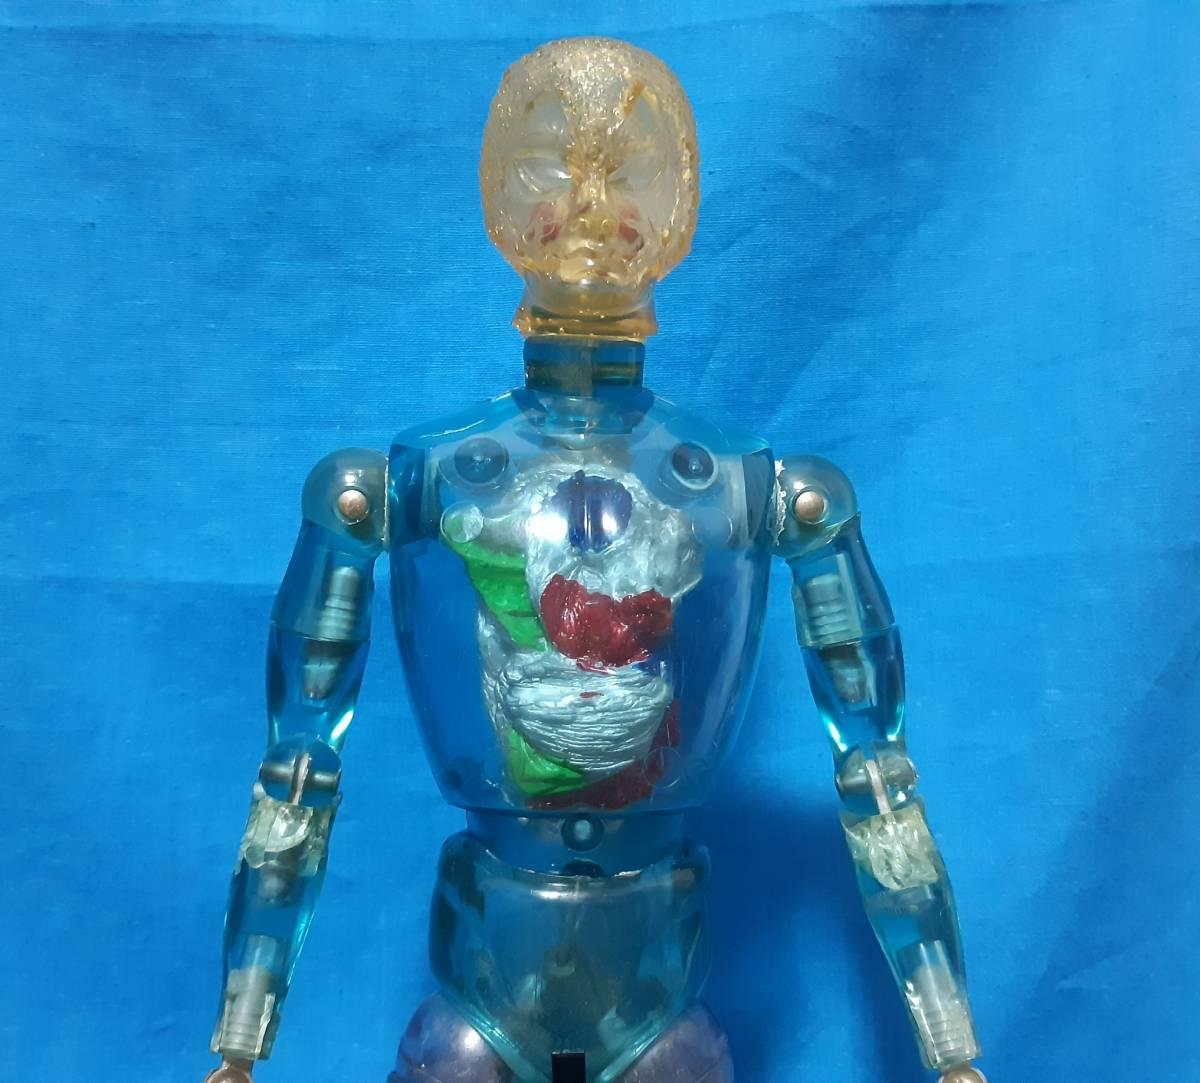 タカラ キングワルダー1世 ブルー 青 初期 変身サイボーグ GIジョー フィギュア ビンテージ